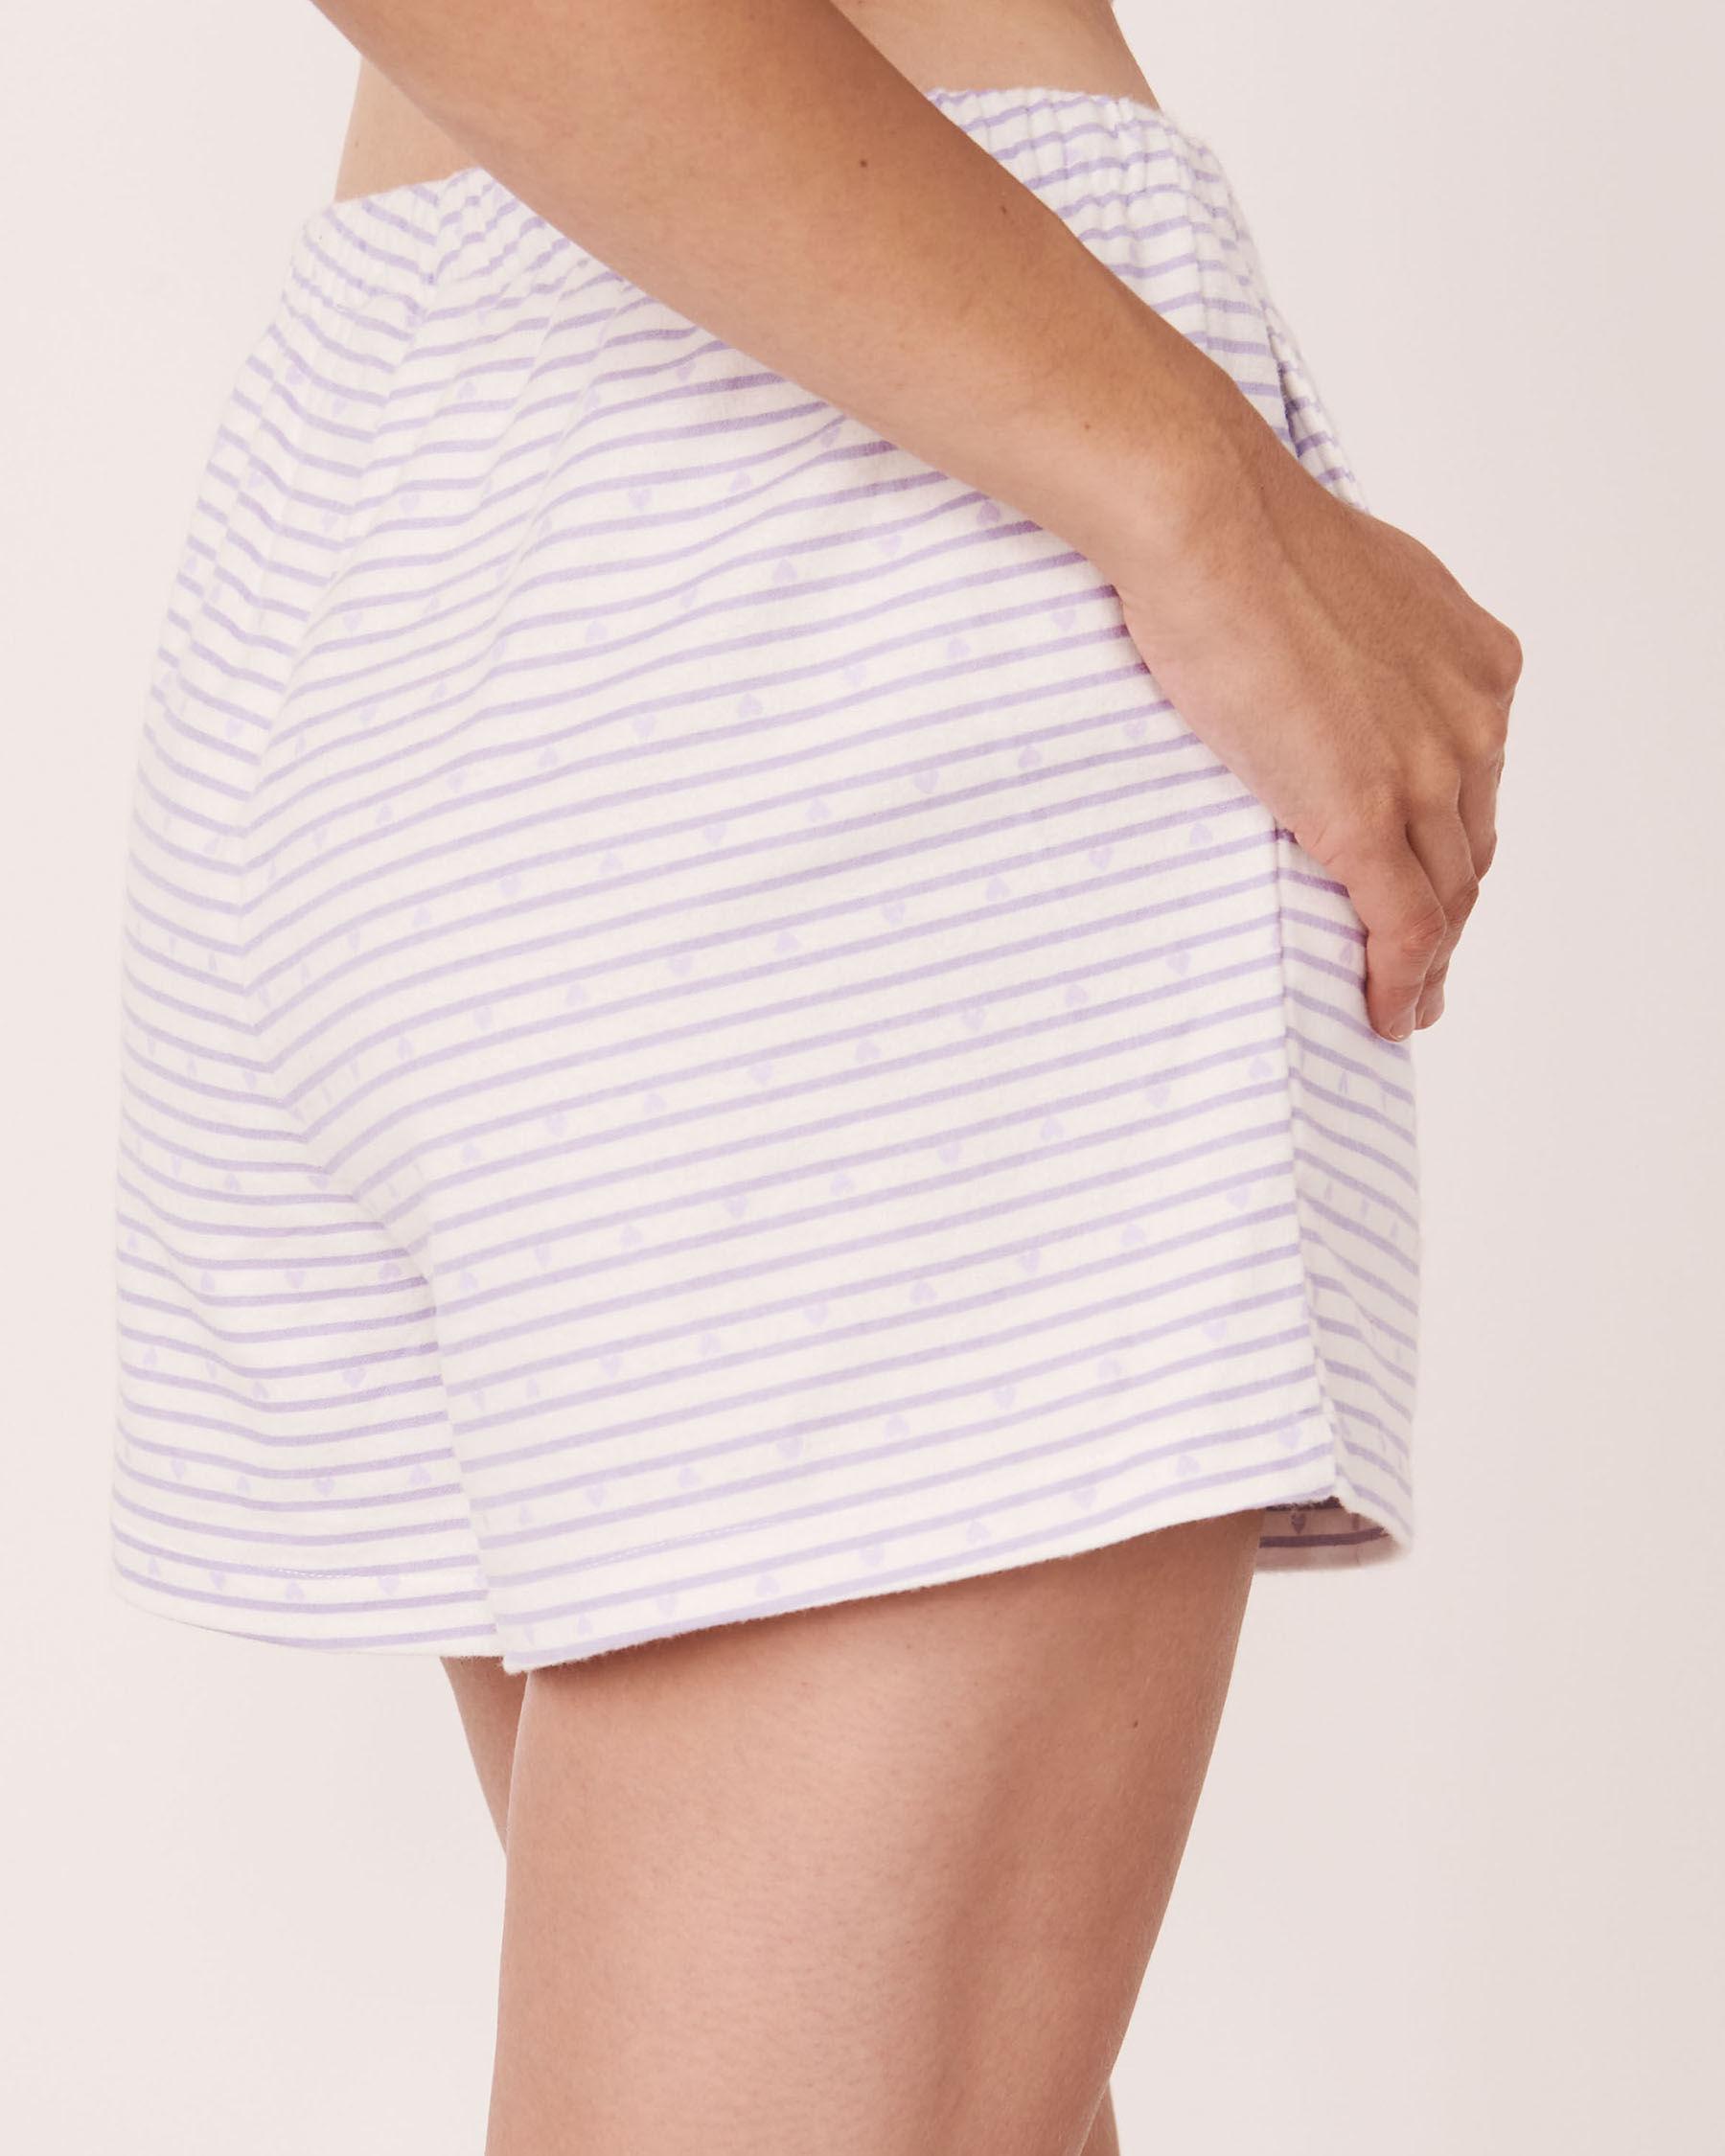 LA VIE EN ROSE Flannel Short PJ Set Stripes 40400011 - View5